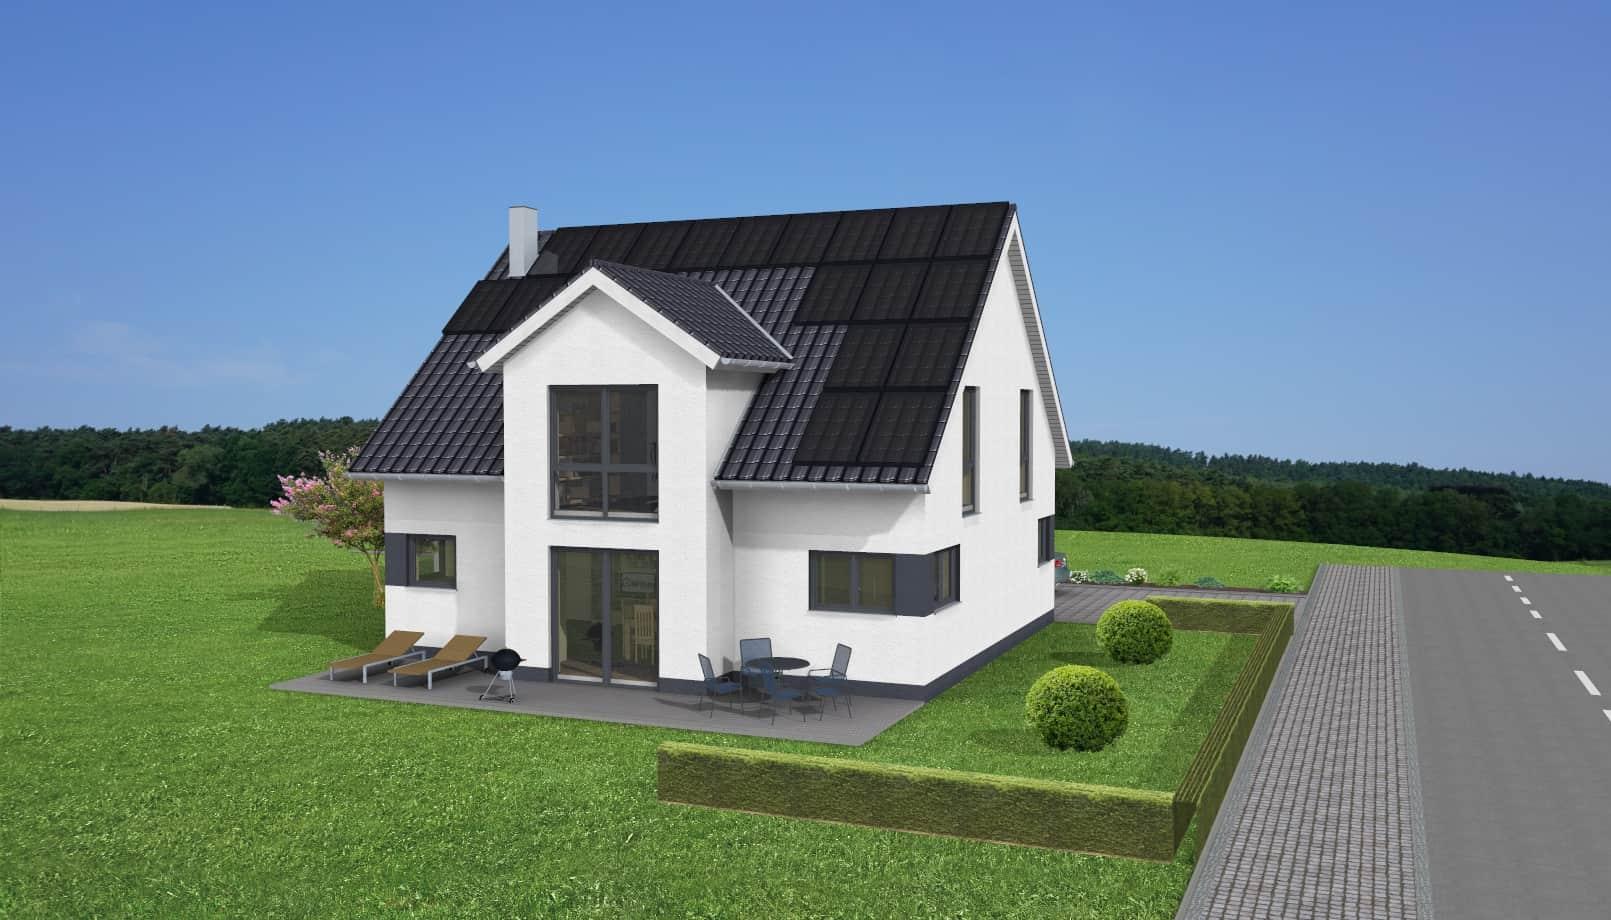 Einfamilienhaus mit Satteldachquergiebel in 36452 Kaltennordheim, Andreas Fack-Straße 1